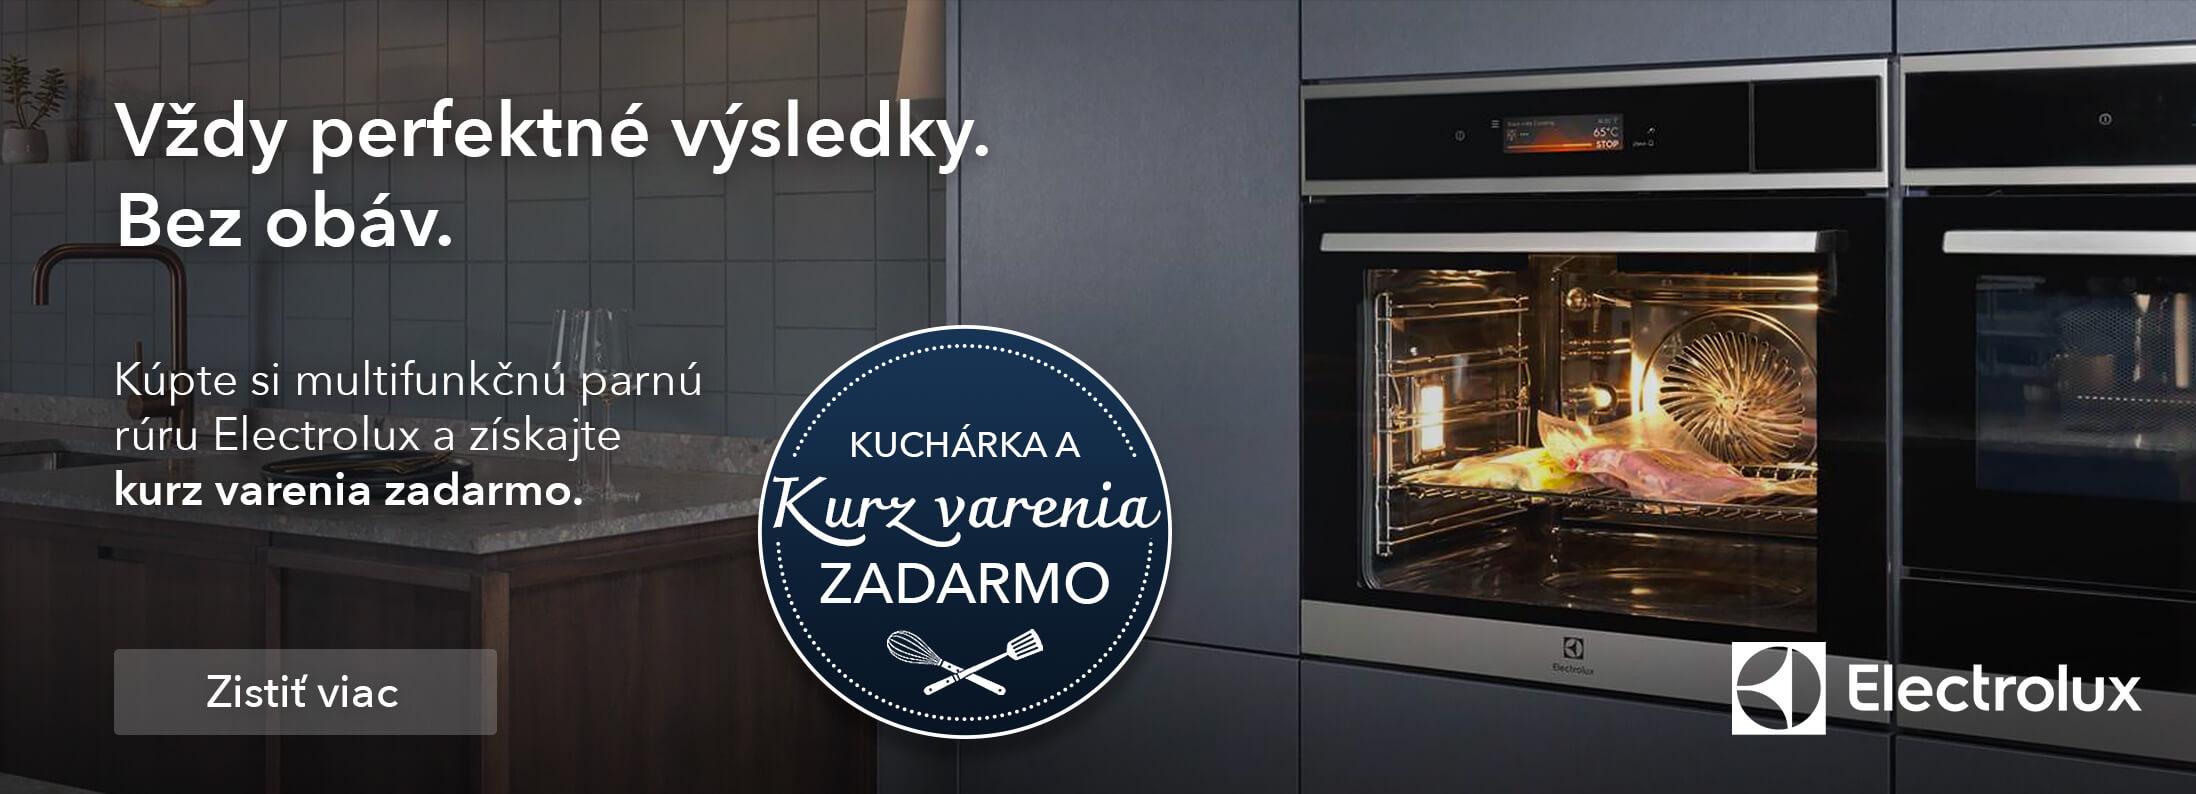 Electrolux - Kurzy varenia